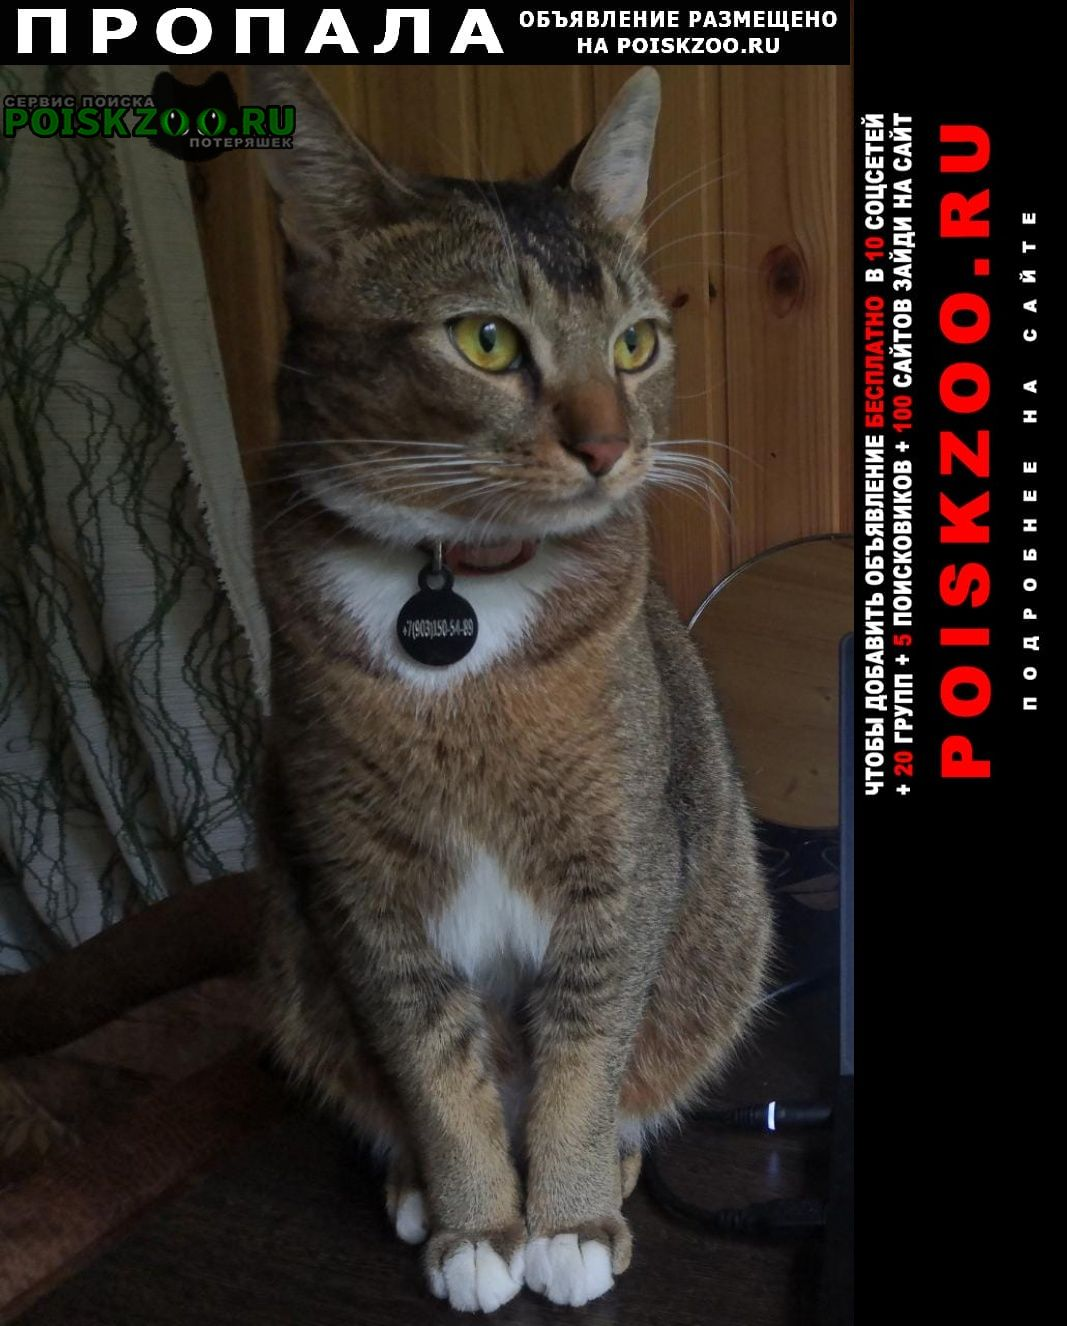 Пропал кот д. качаброво Истра